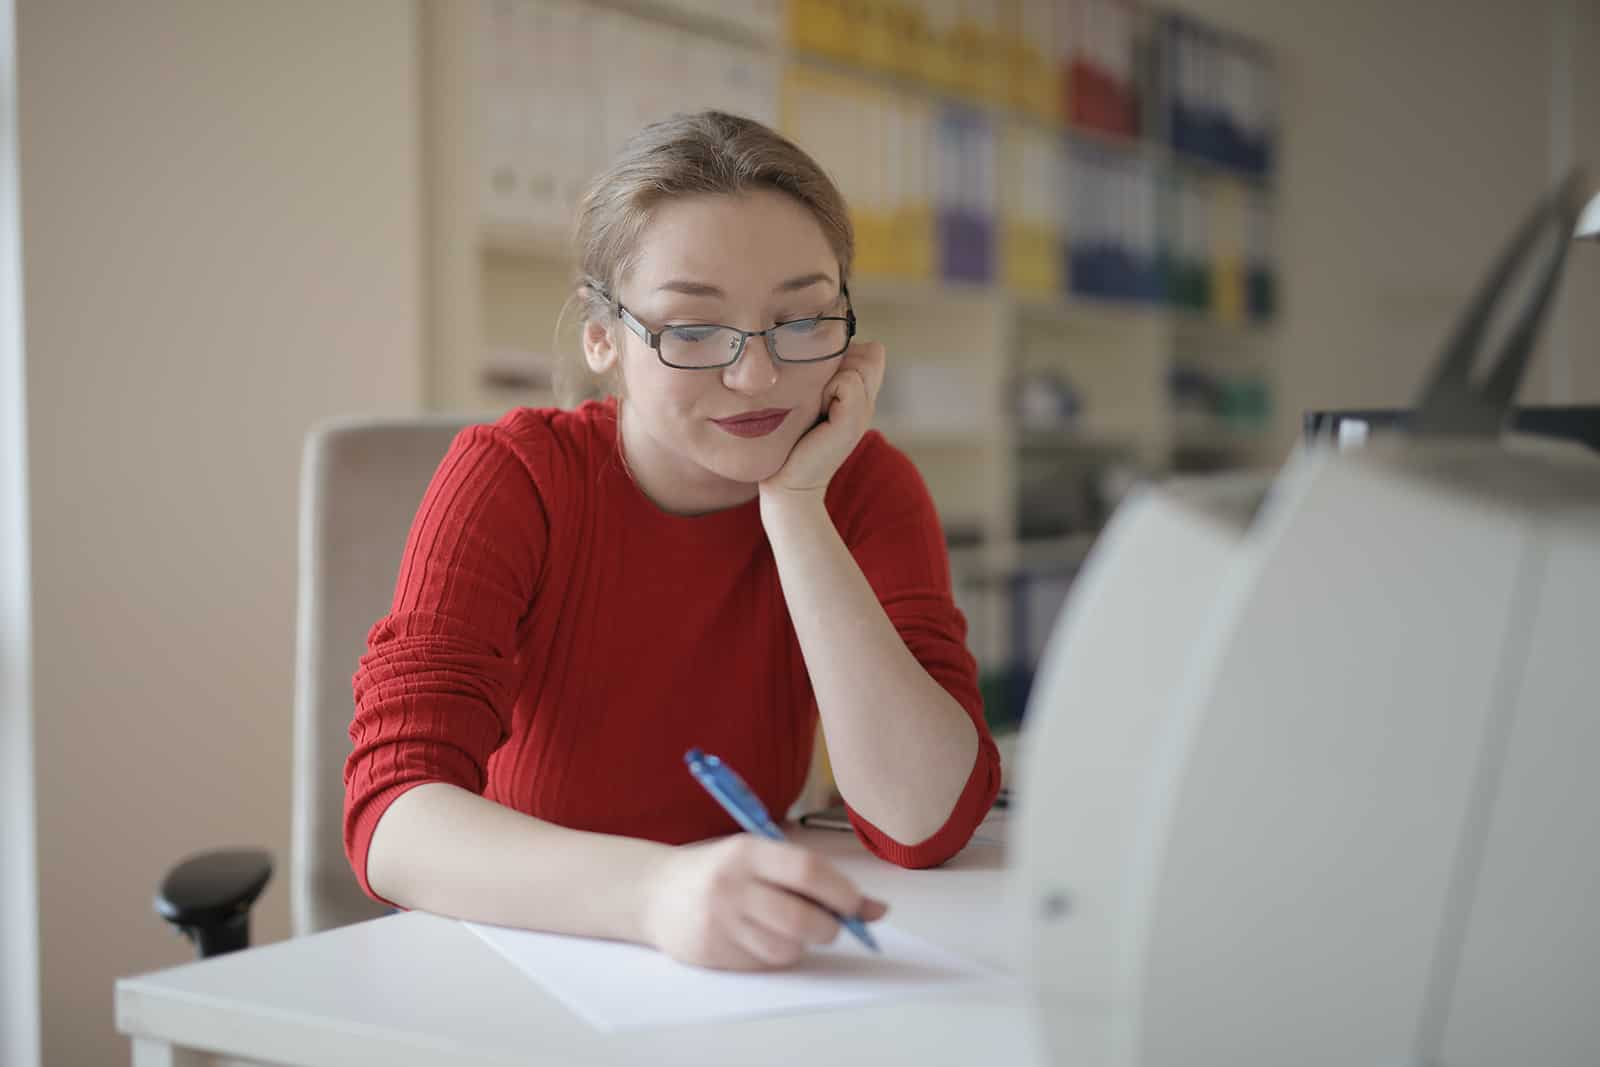 Une femme positive écrivant sur un papier assis au bureau